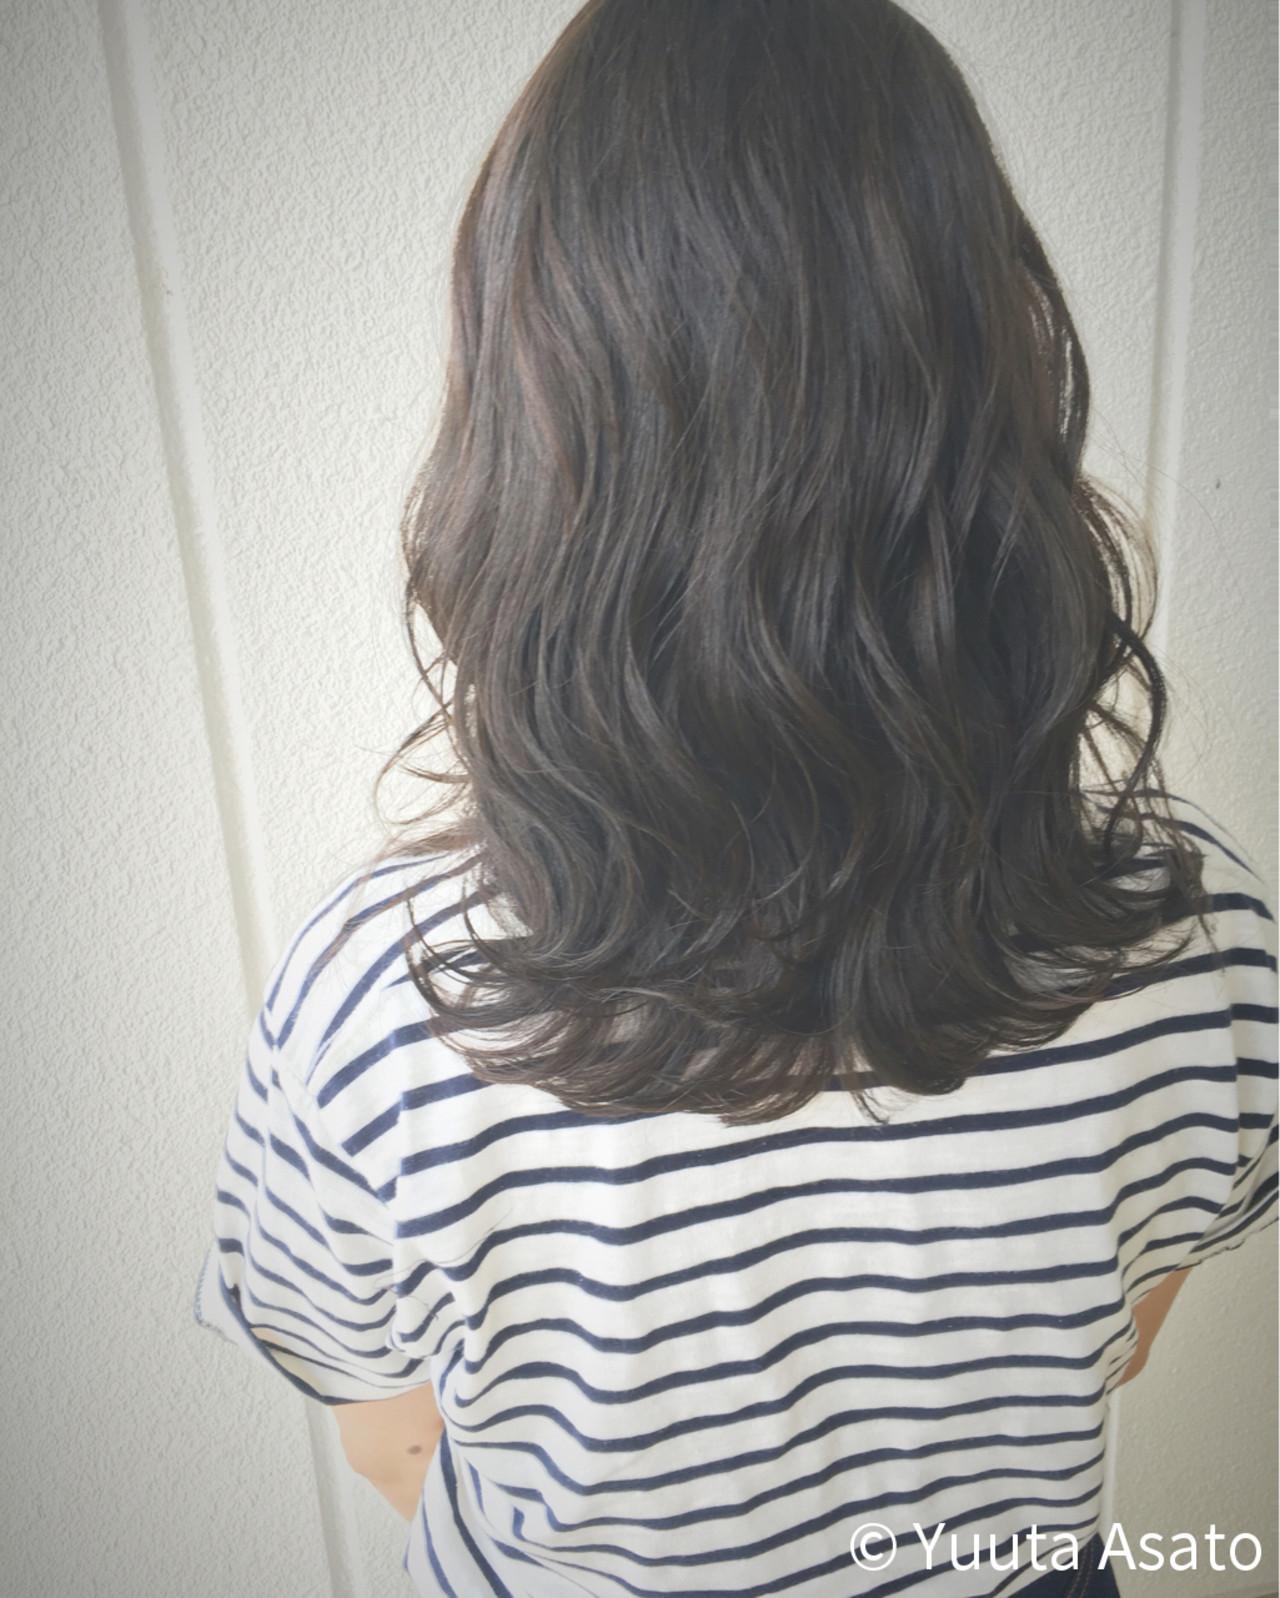 黒髪×ミディアム×パーマは色気たっぷりのおフェロスタイルに♡ Yuuta Asato